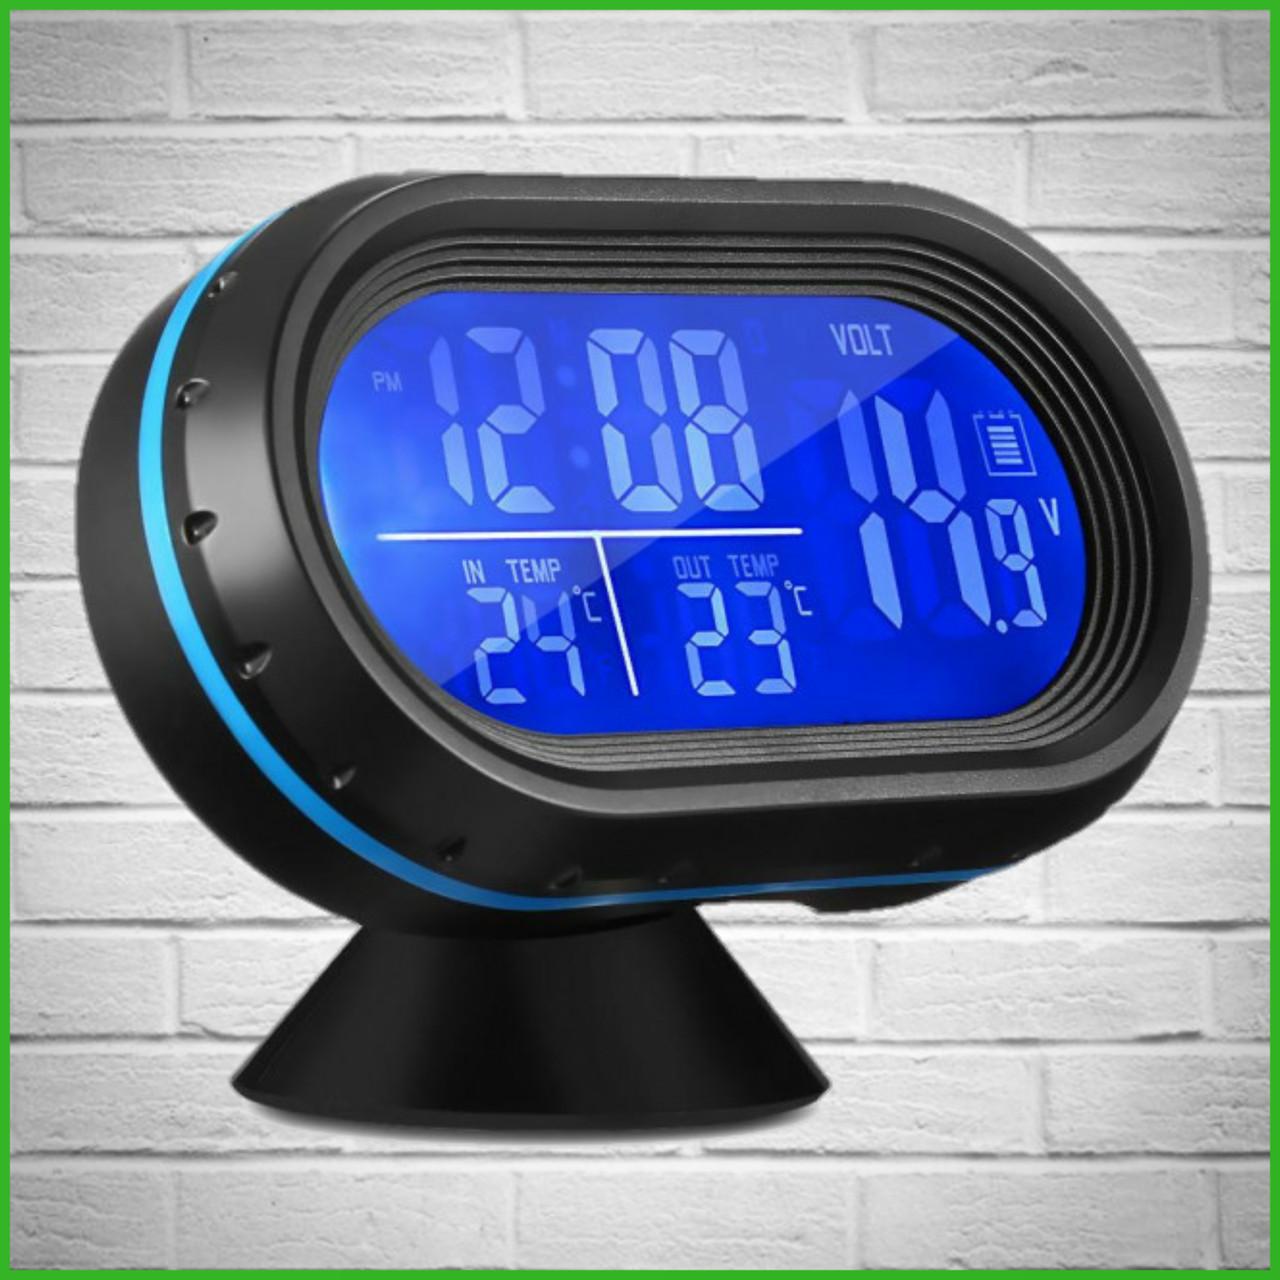 Автомобільні годинник з термометром і вольтметром VST 7009V